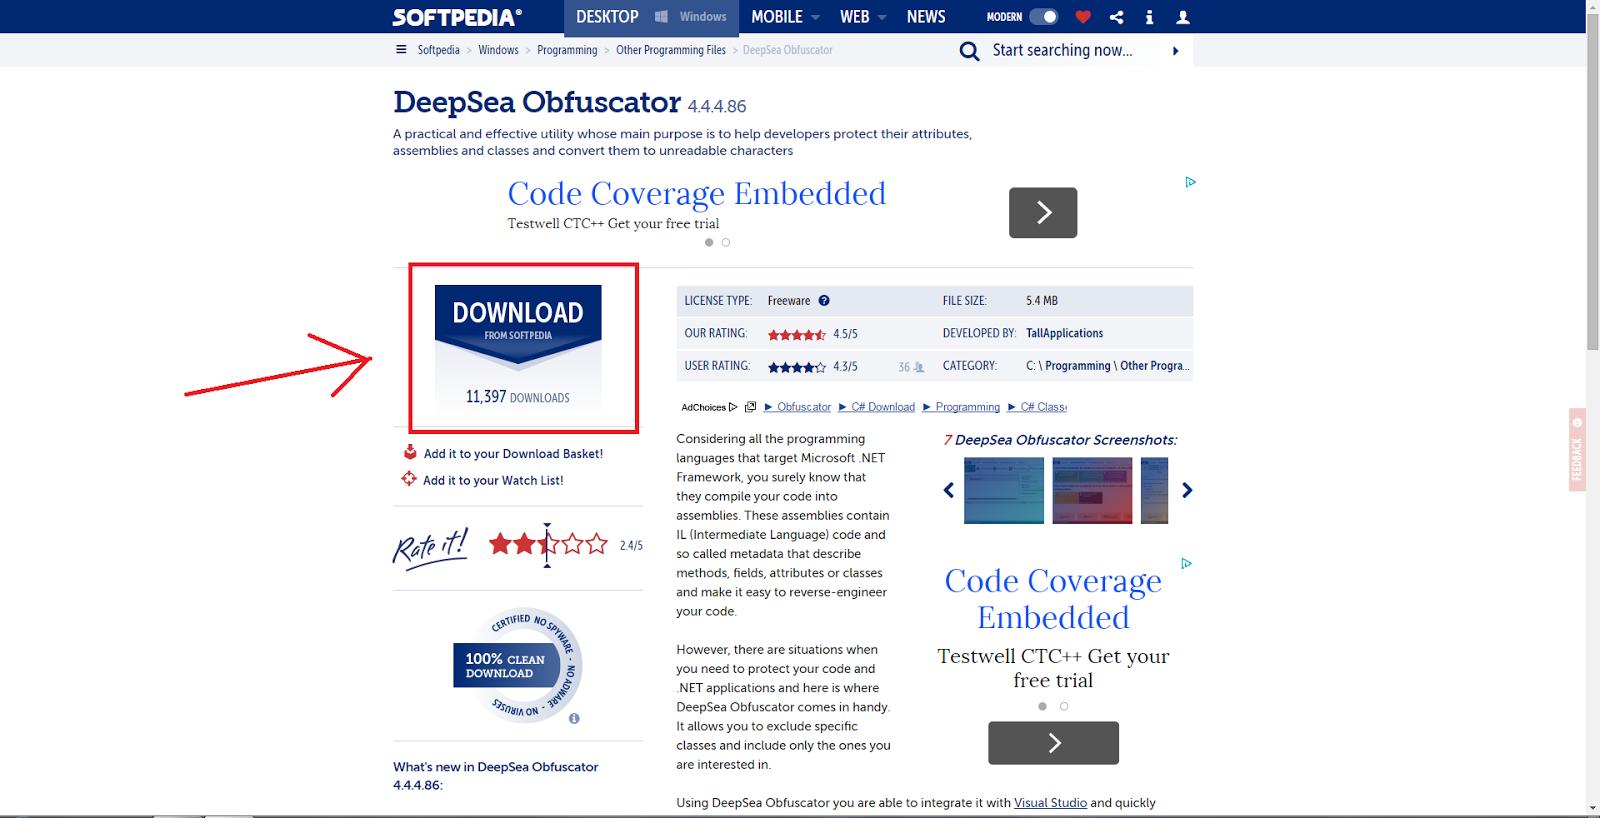 Deepsea obfuscator 3 1 3 74